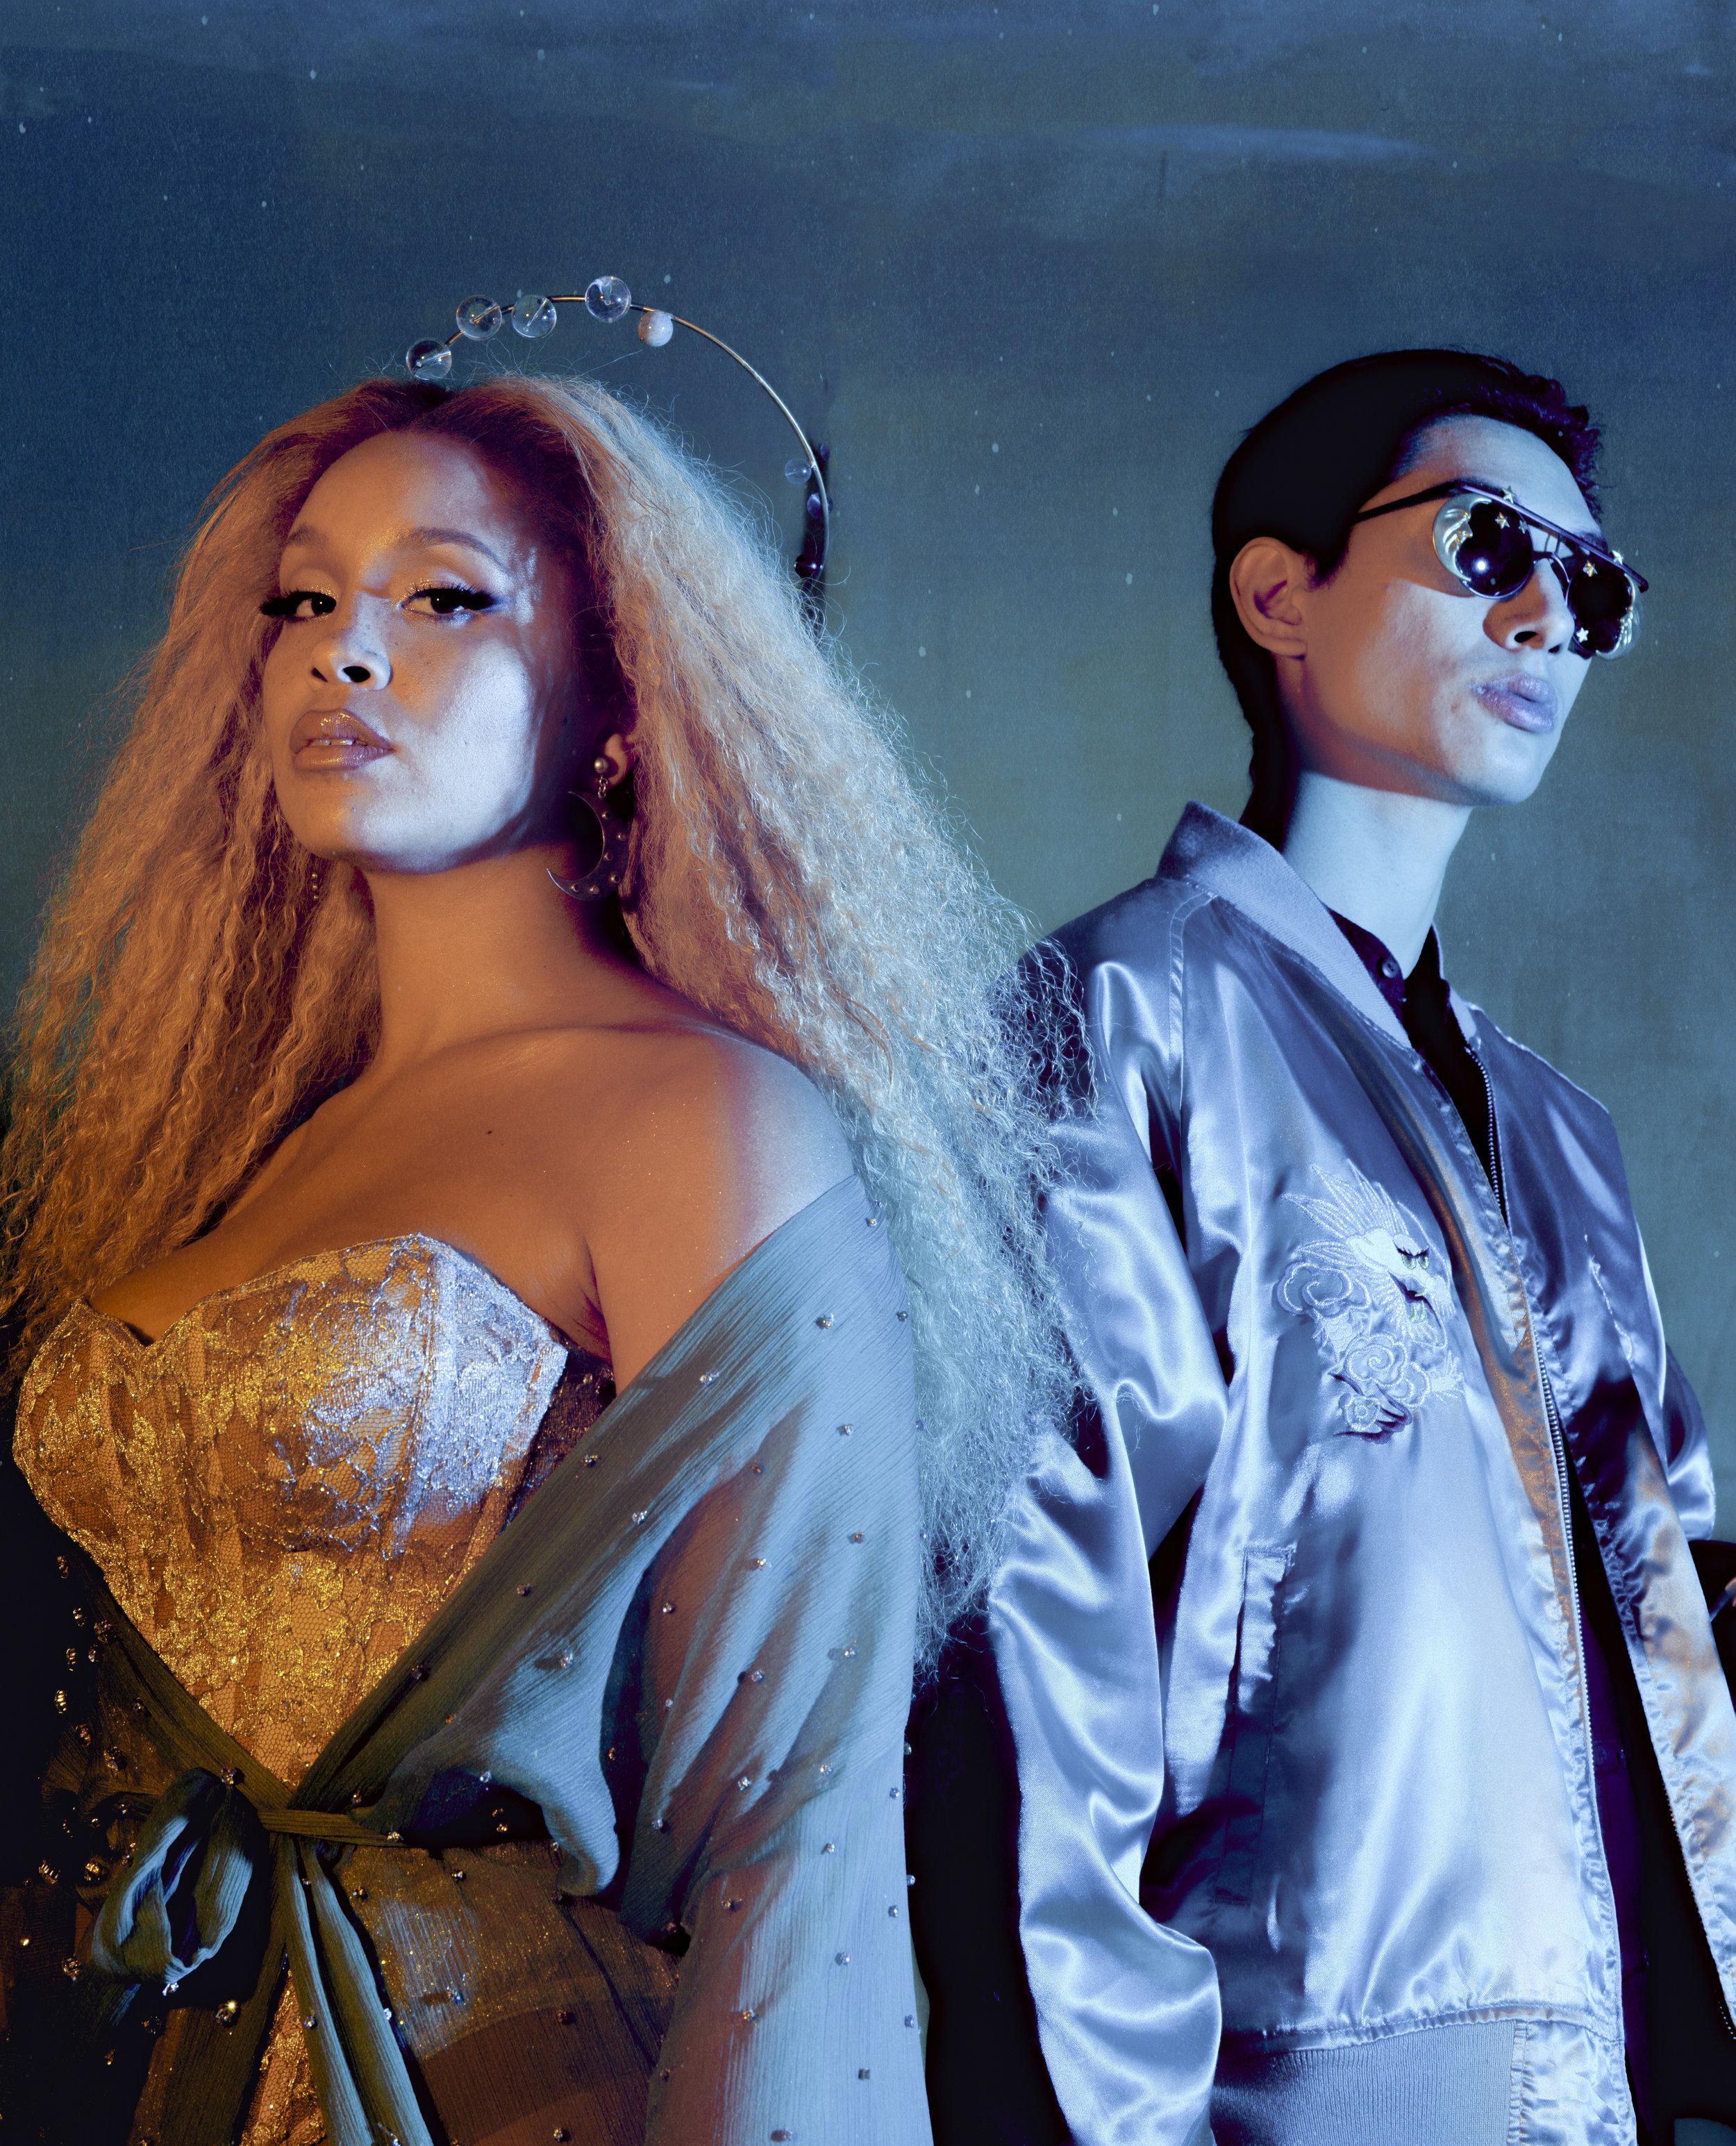 Lion Babe Says Their New Album Is 'Futuristic Nostalgia'